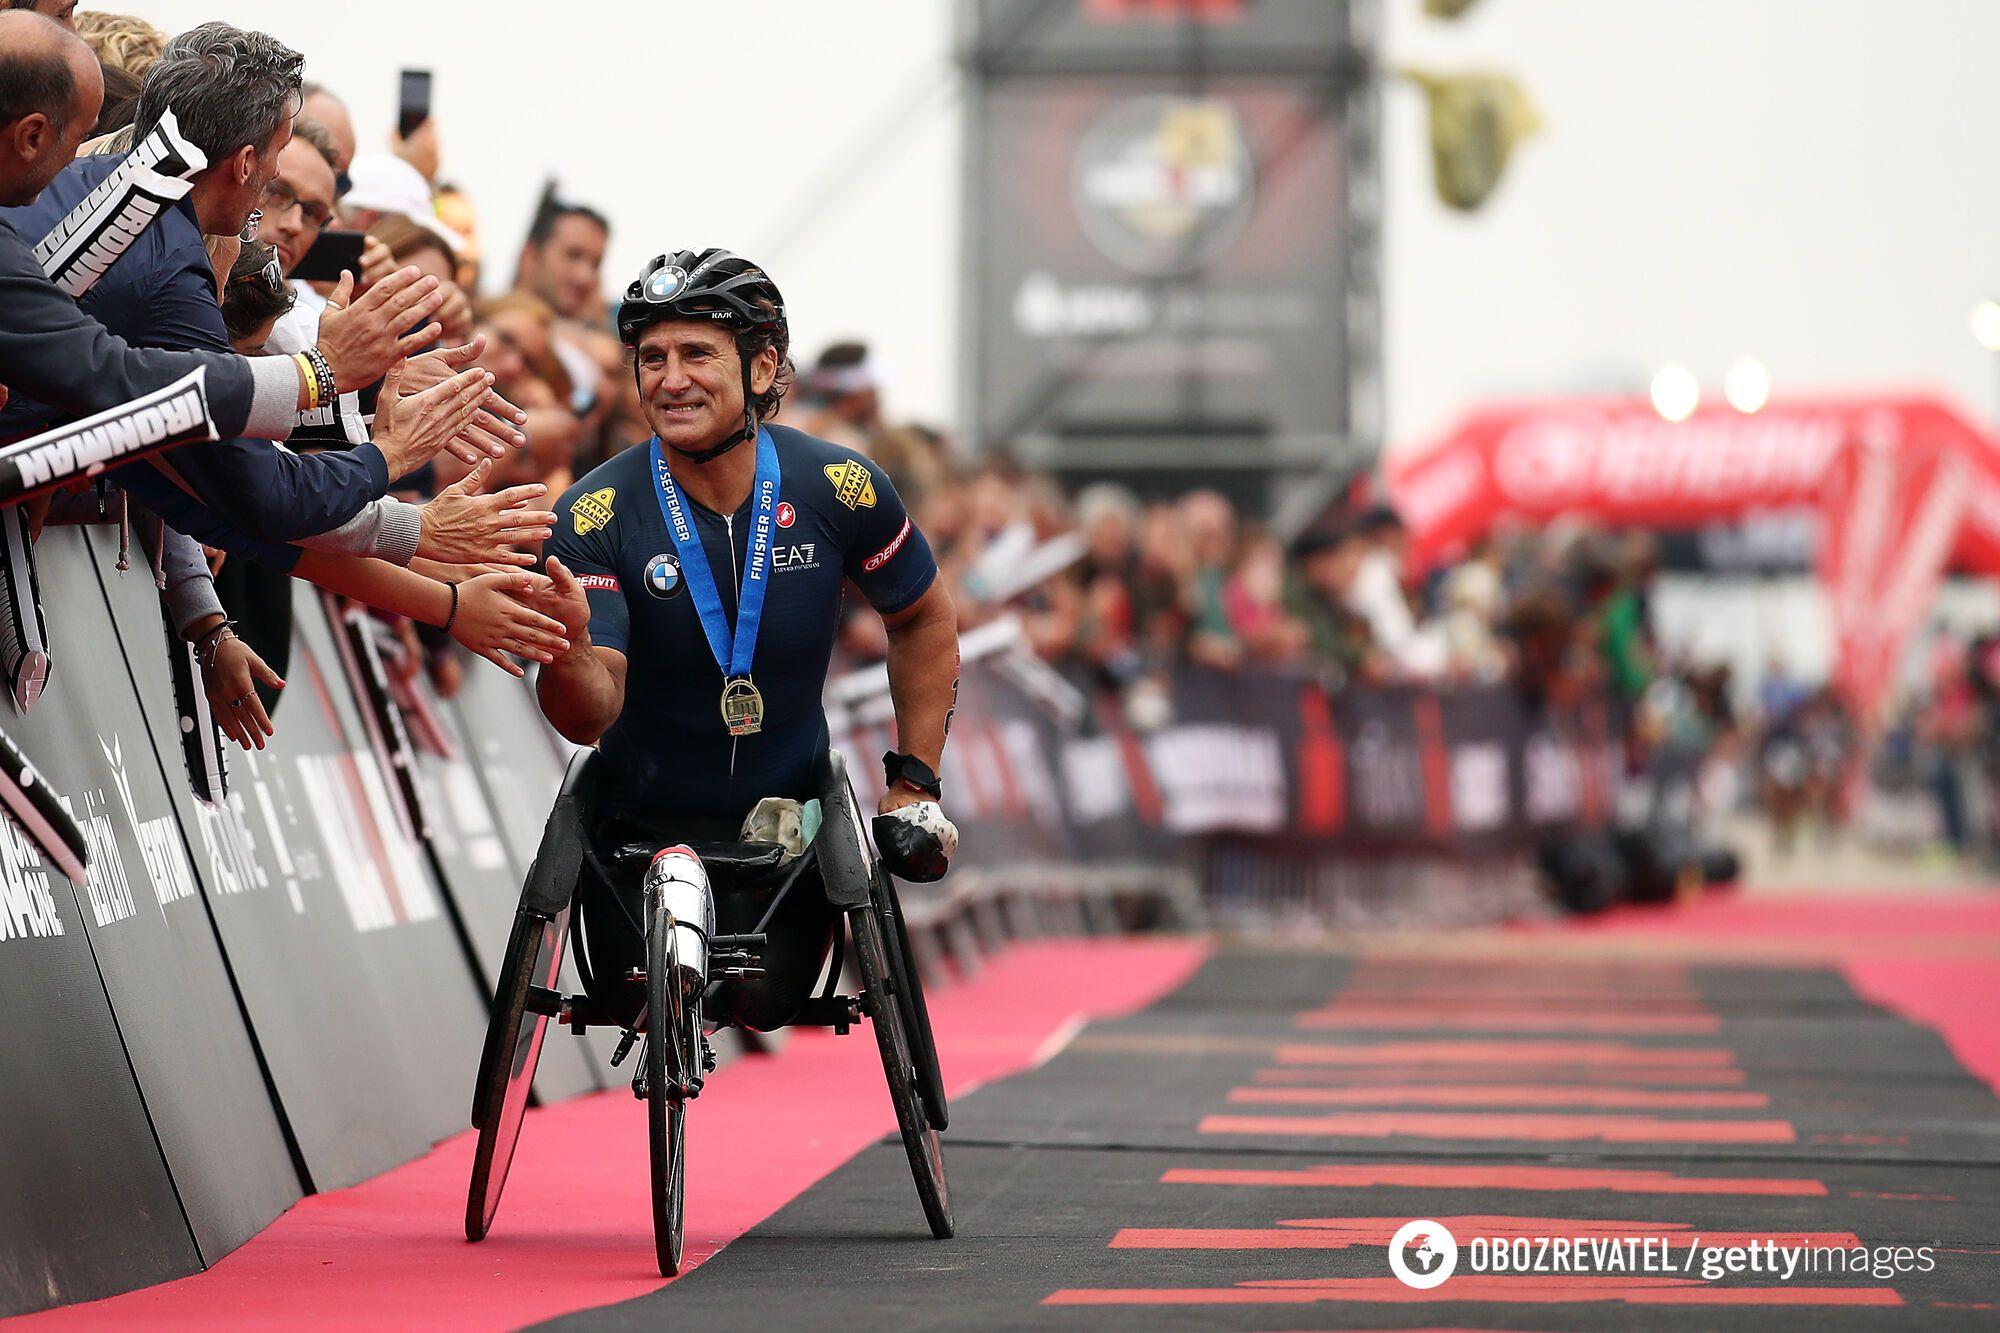 Алекс Дзанарди направляется к финишу на IRONMAN 22 сентября 2019 года в Червии, Италия